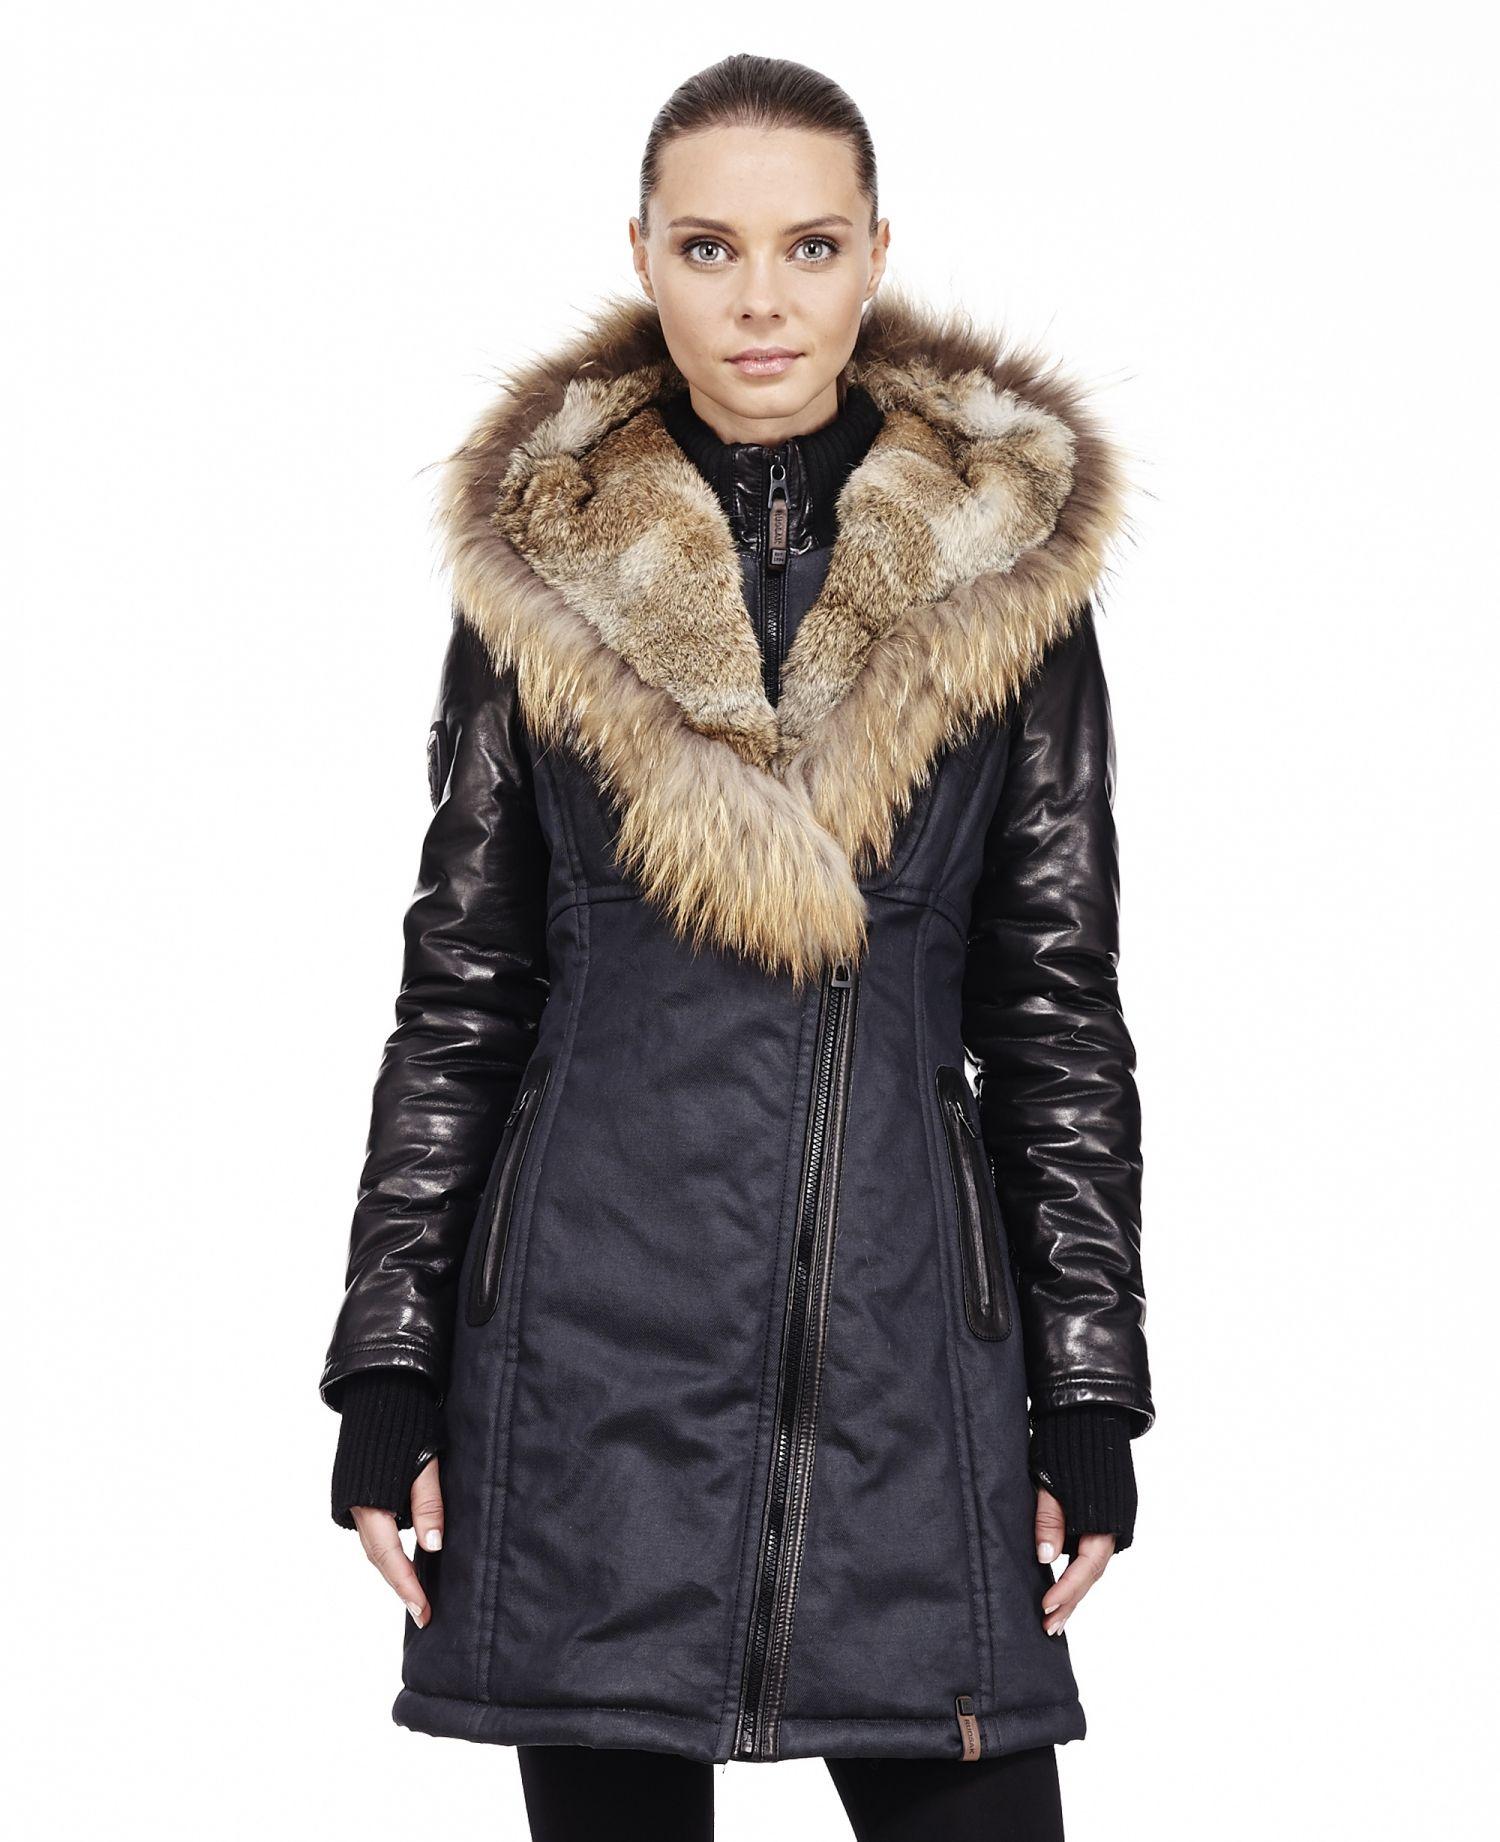 Femme À Manteau Mode – D'hiver 2018 Vestes Atelier Noir La v551qfw